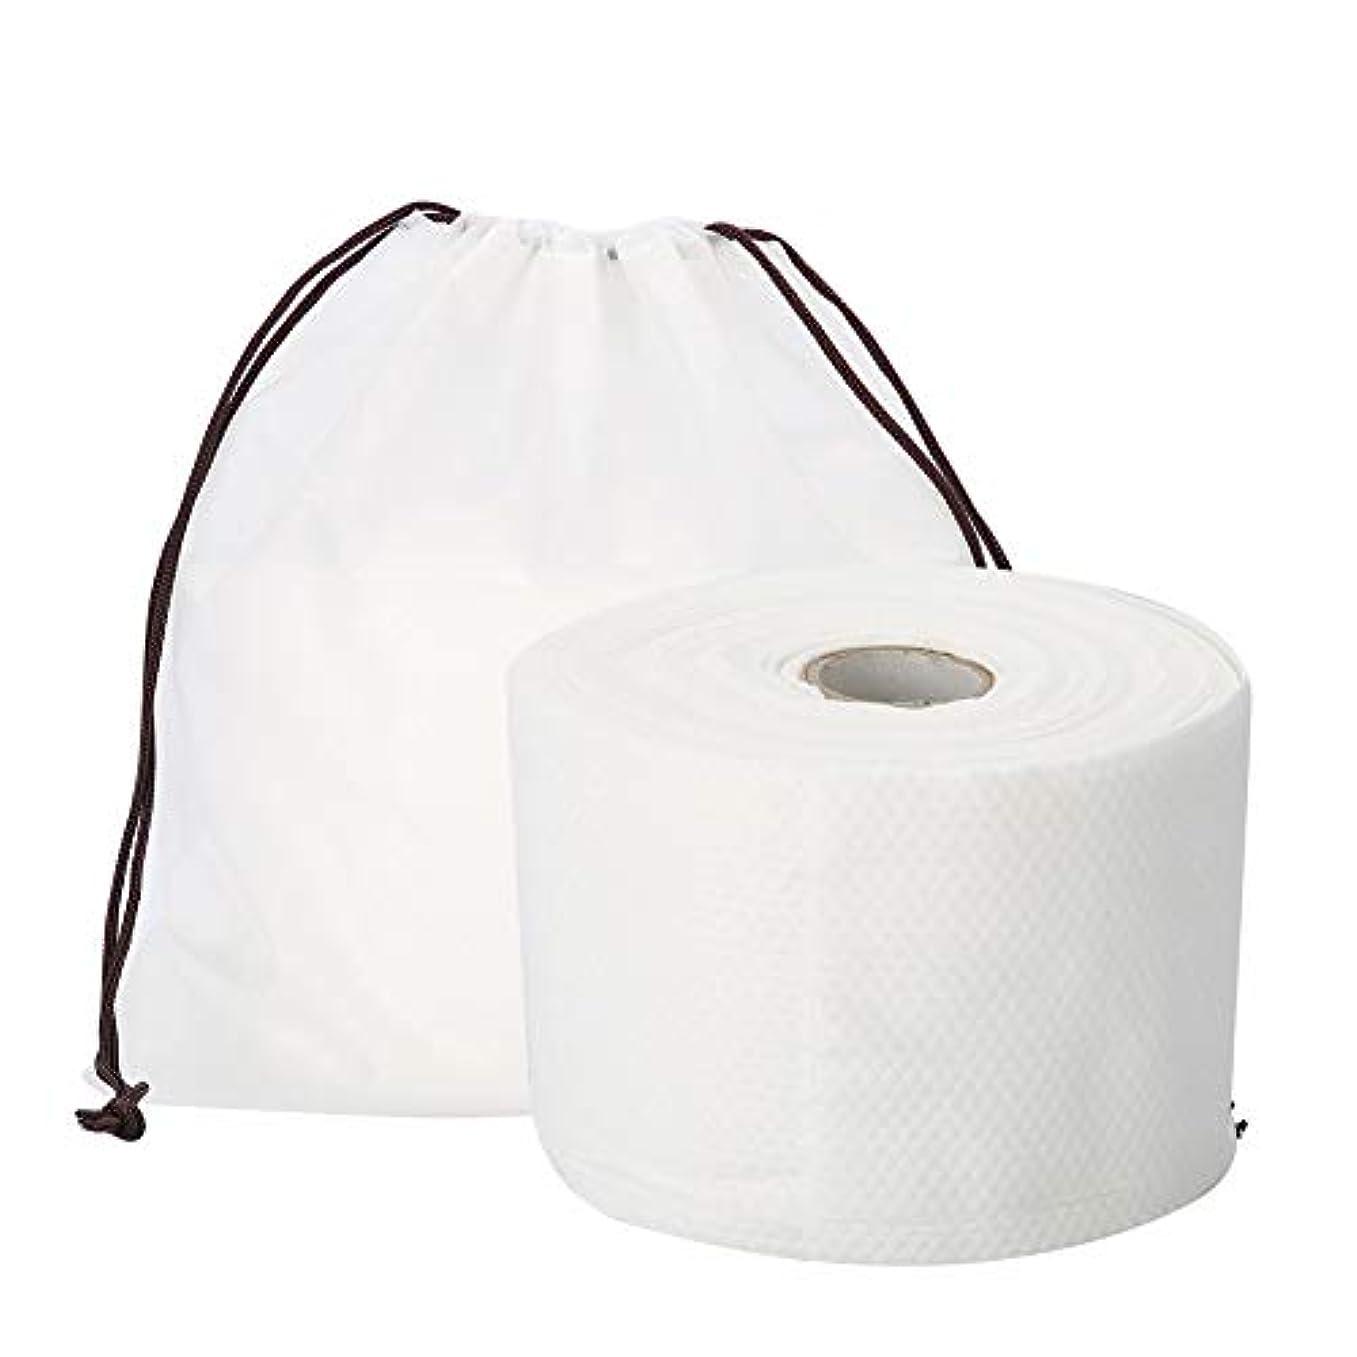 旅ひいきにするポインタSemmeの使い捨て可能なクリーニングのフェイスタオル、毛羽立ちのない綿パッドの構造使い捨て可能なフェイスタオルの柔らかいNonwovenのクリーニングの化粧品の綿パッド25m